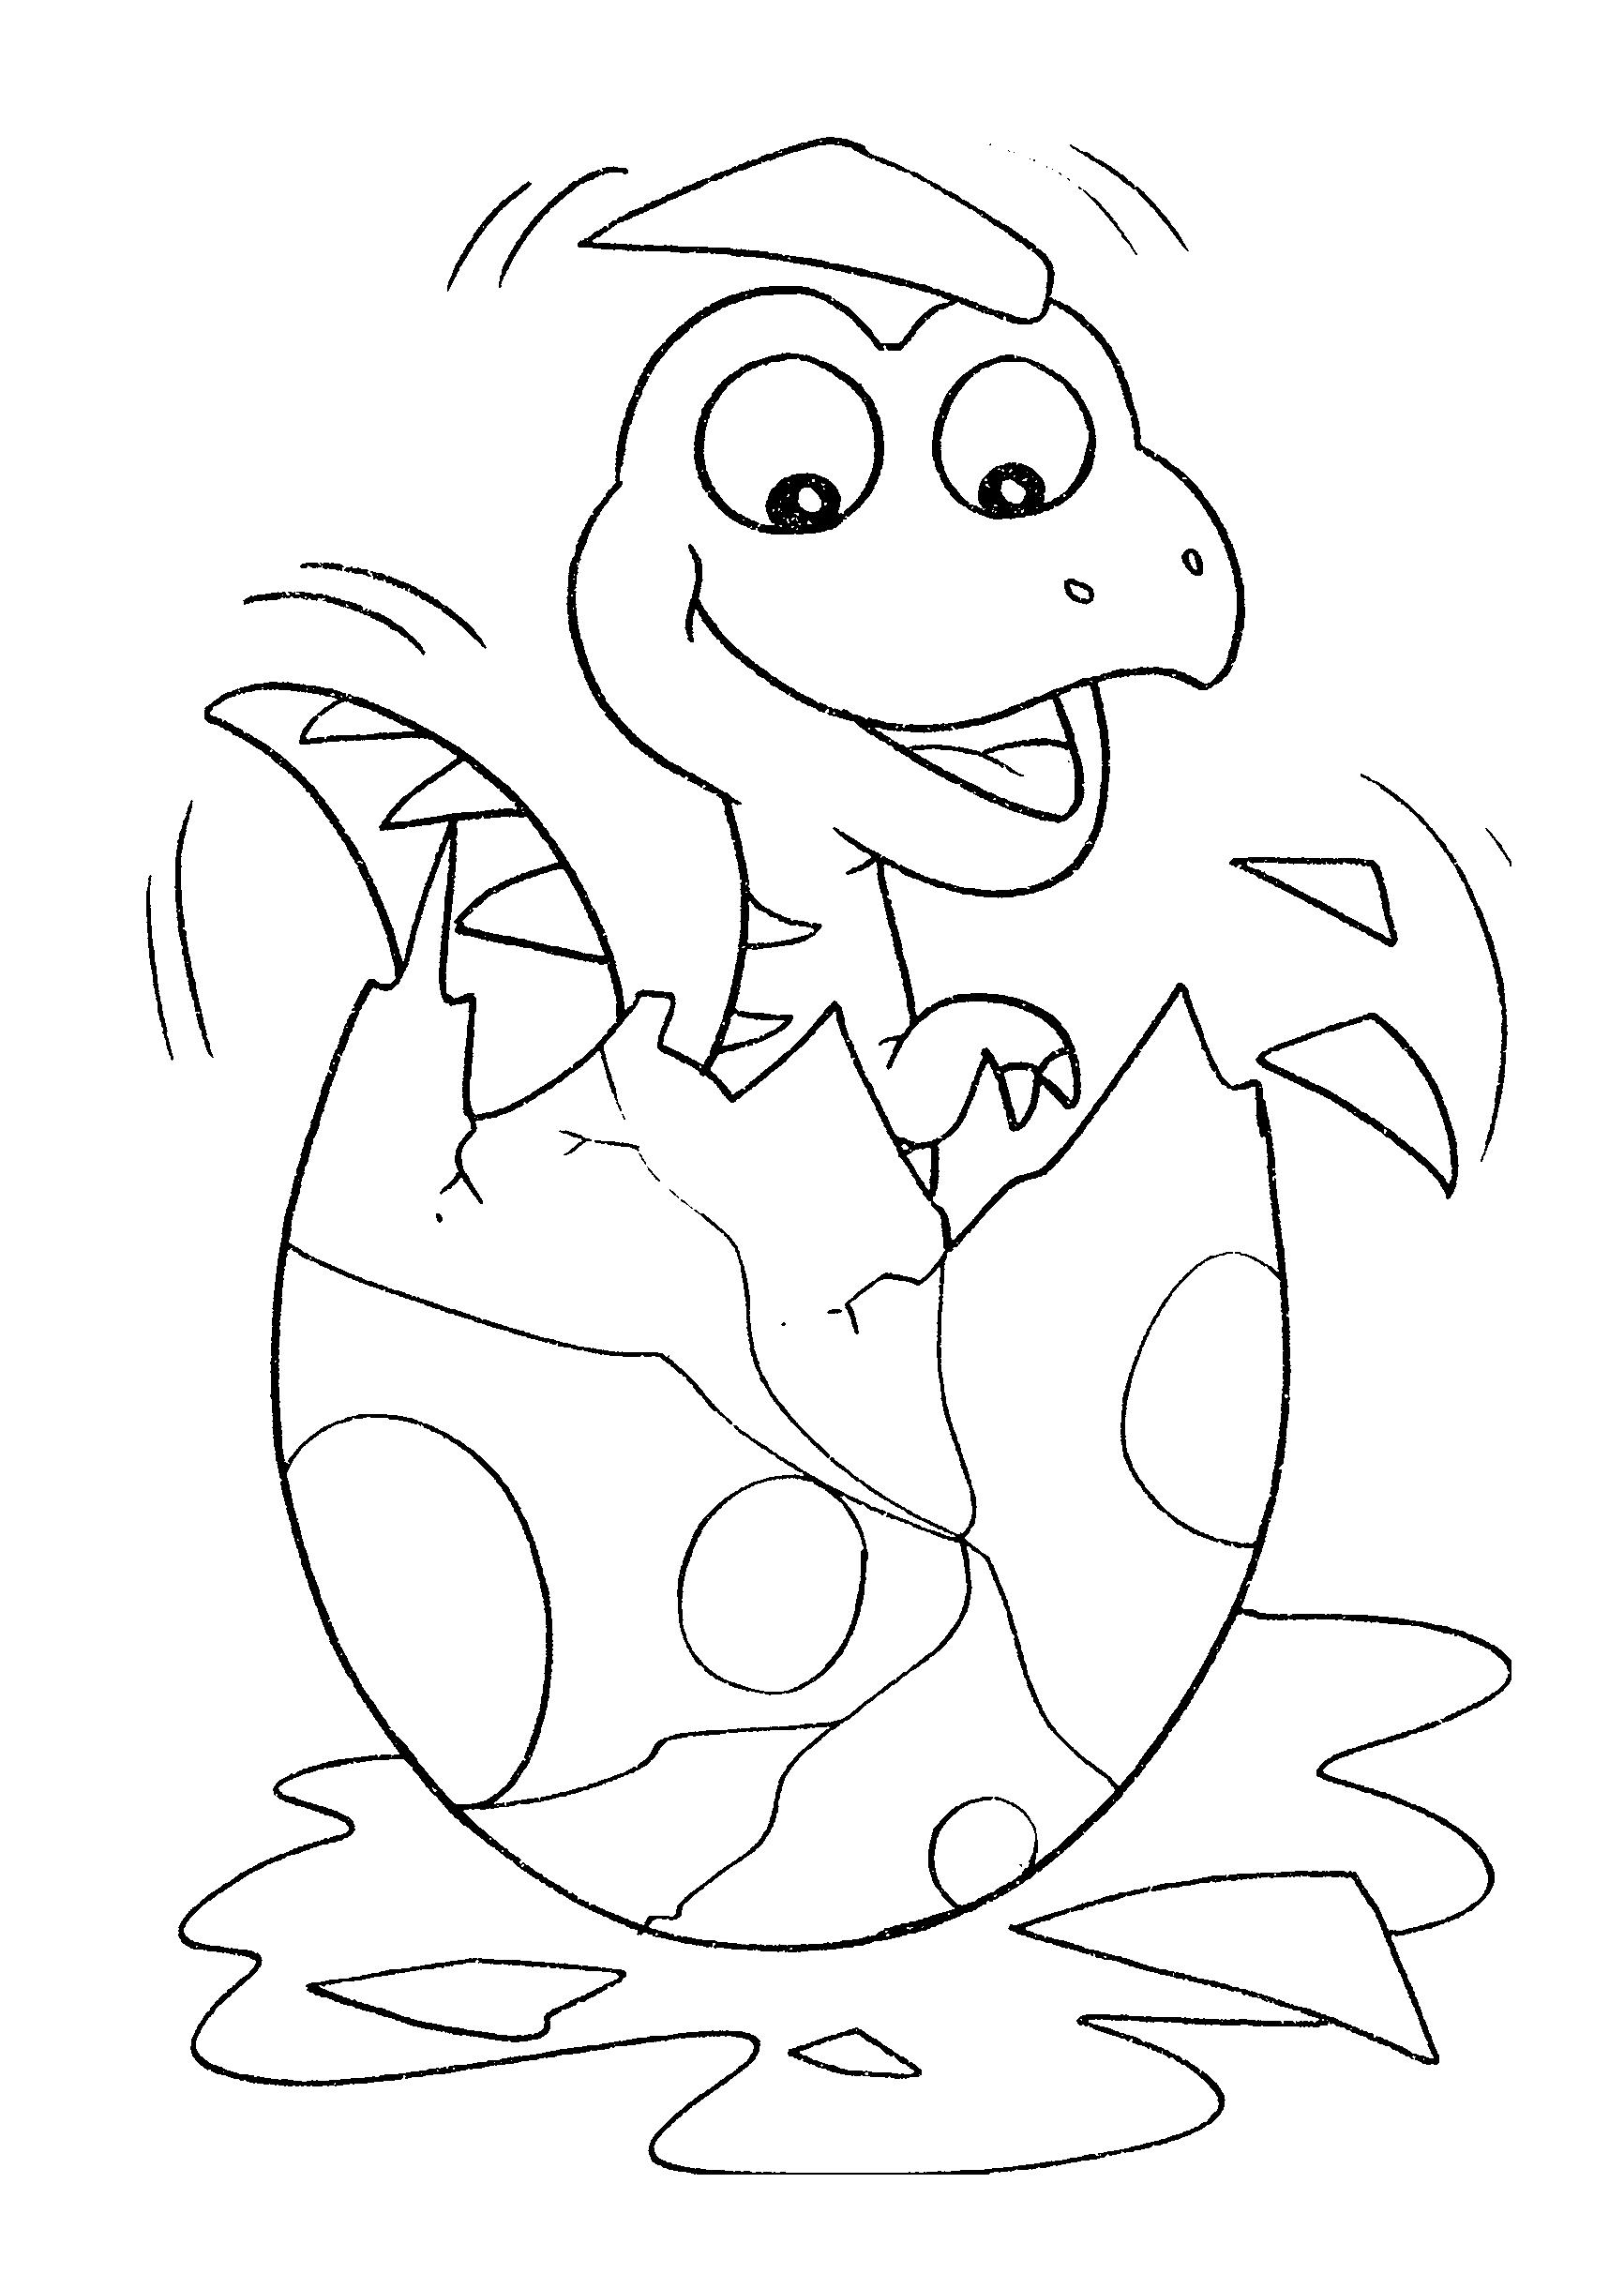 Desenhos De Dinossauros Para Imprimir E Colorir So Atividades